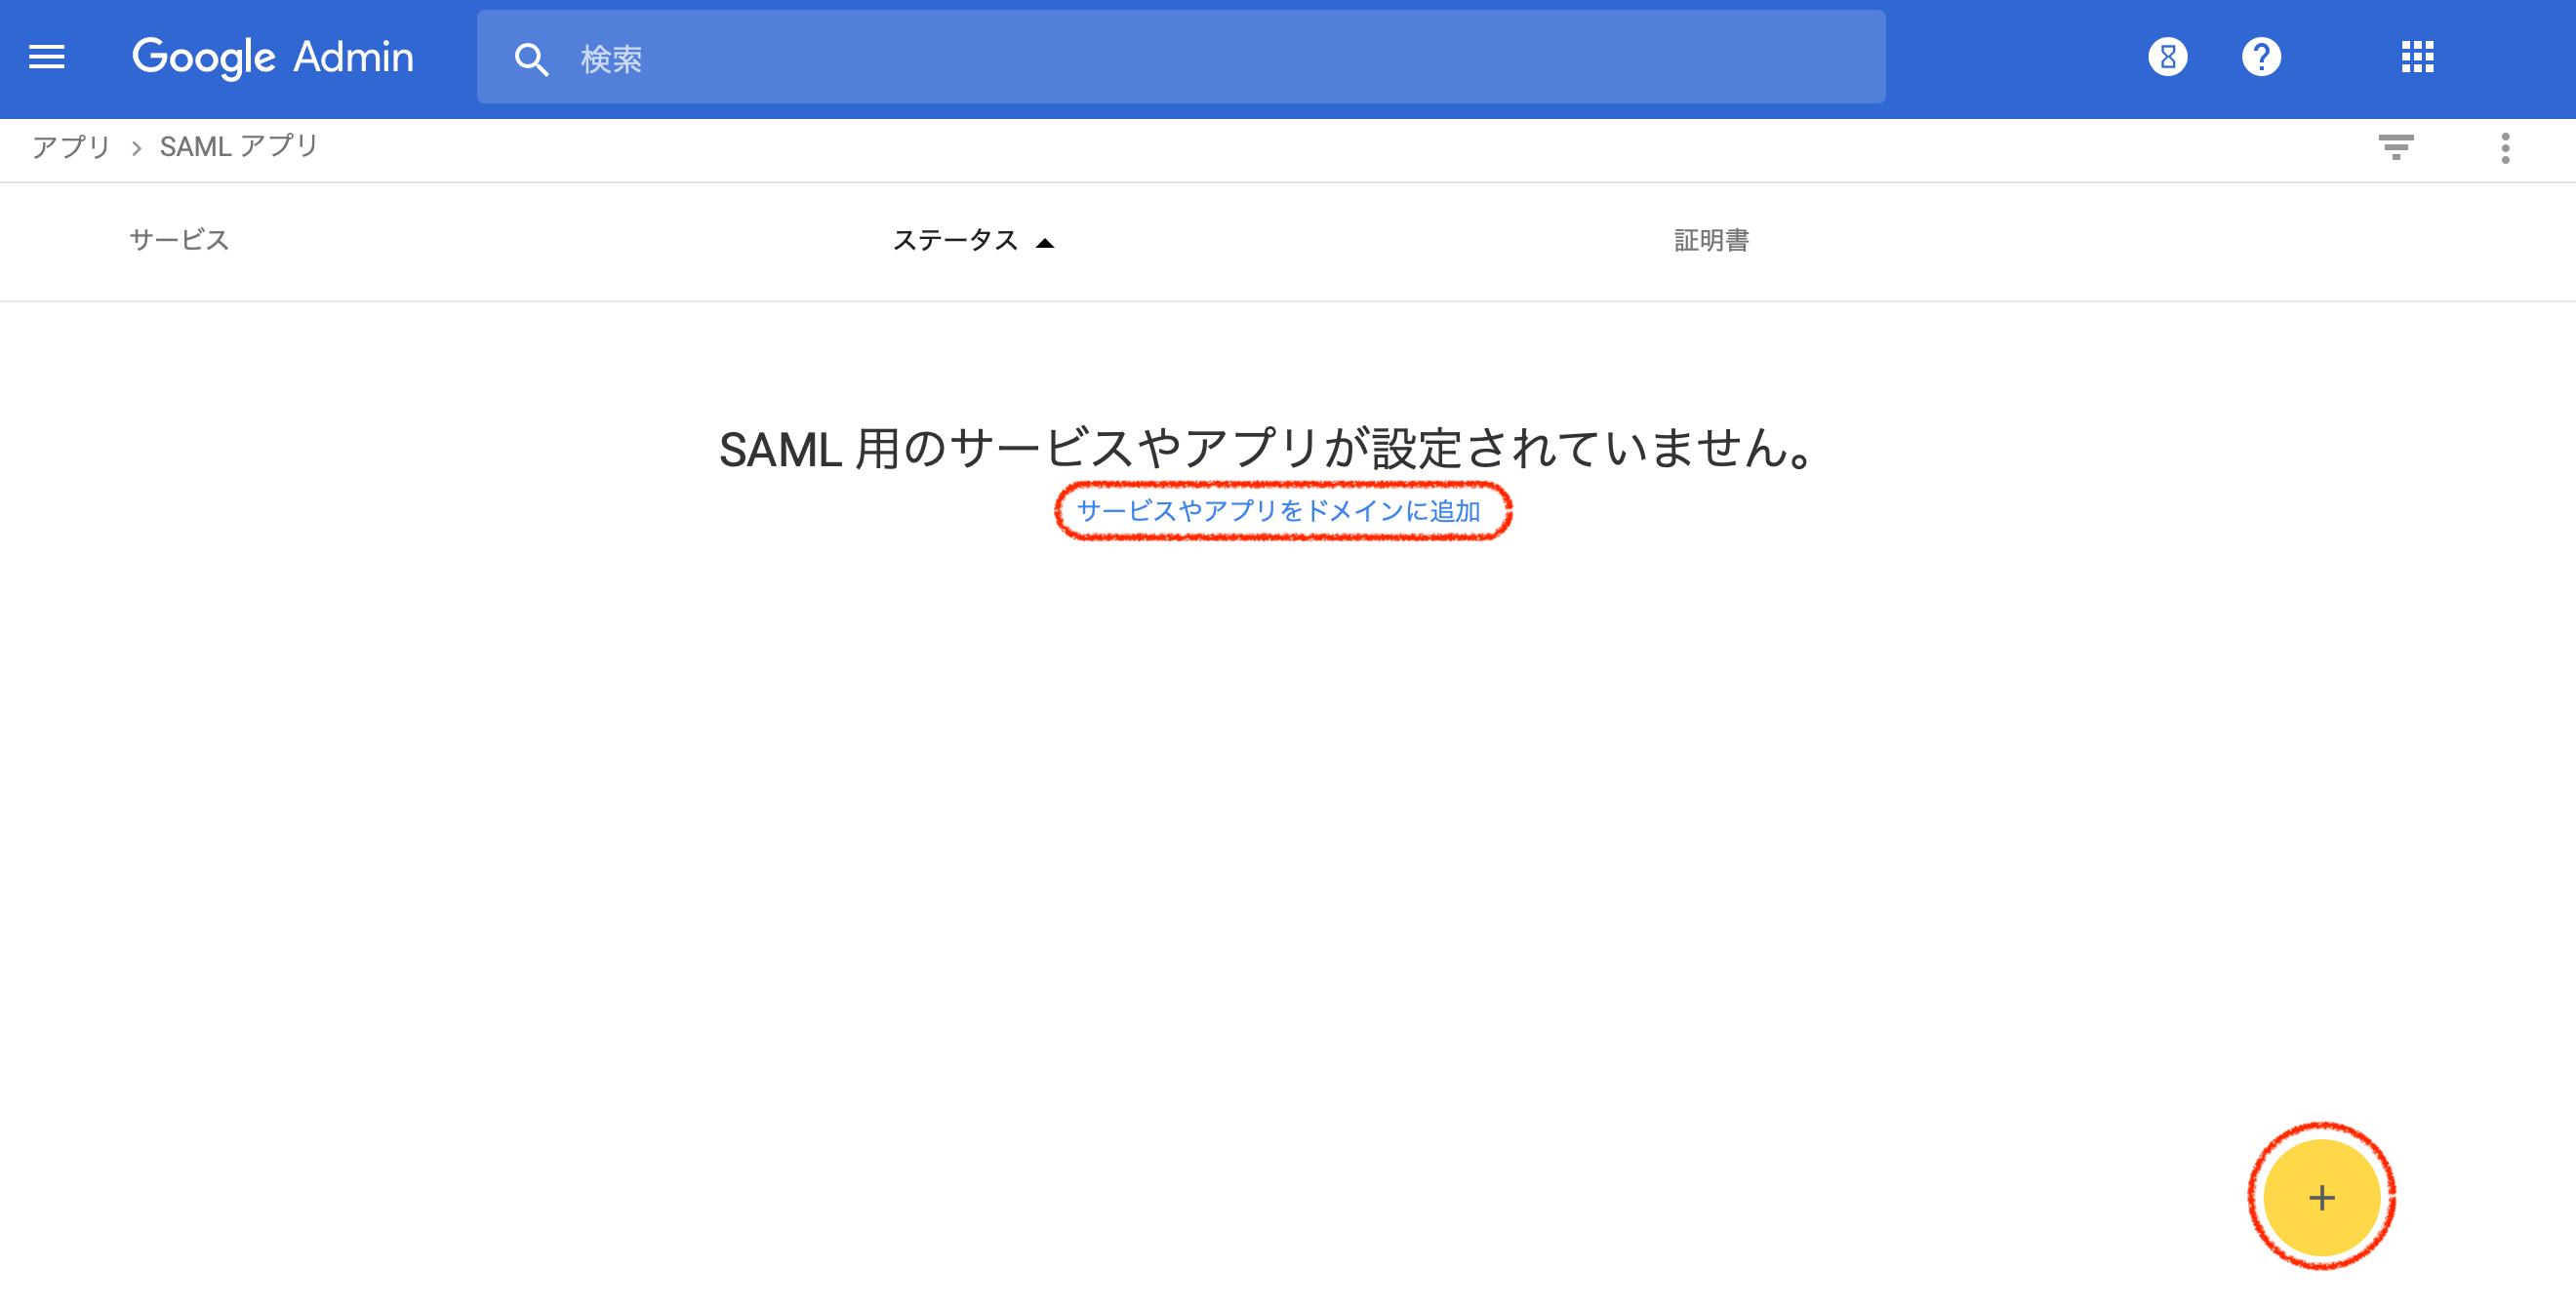 スクリーンショット 2019-01-04 23.58.30.png